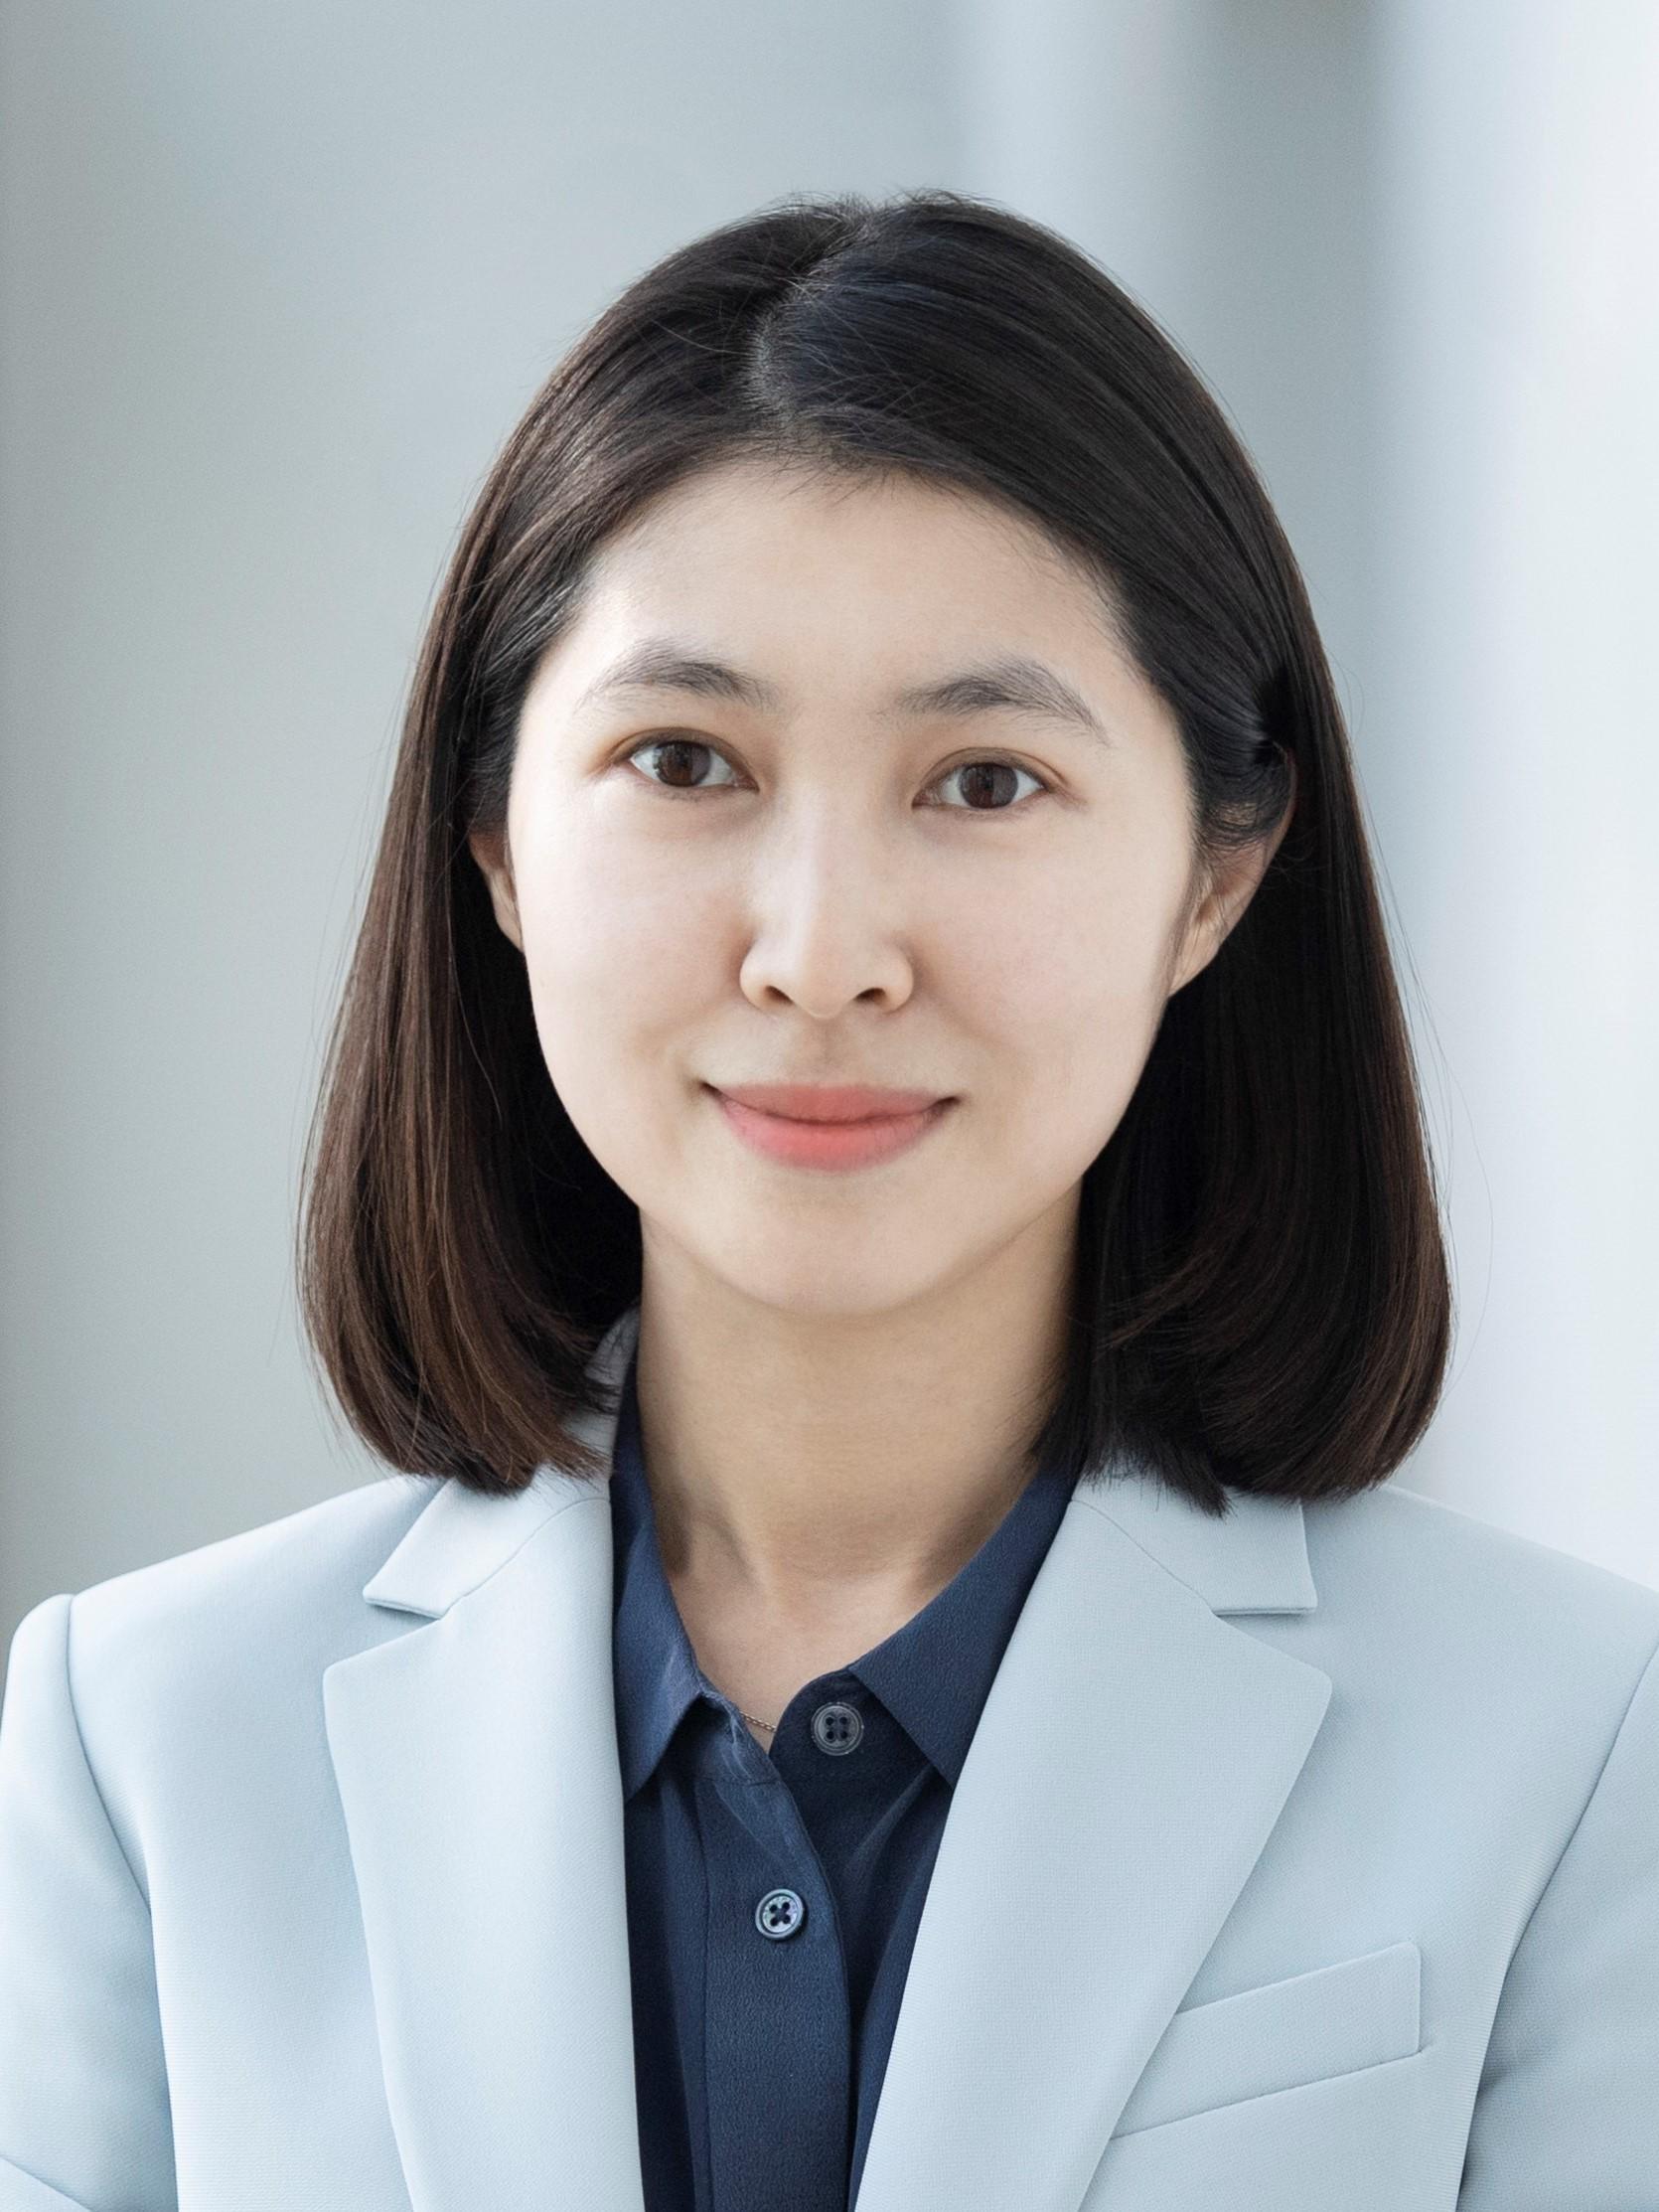 김선혜 프로필 사진